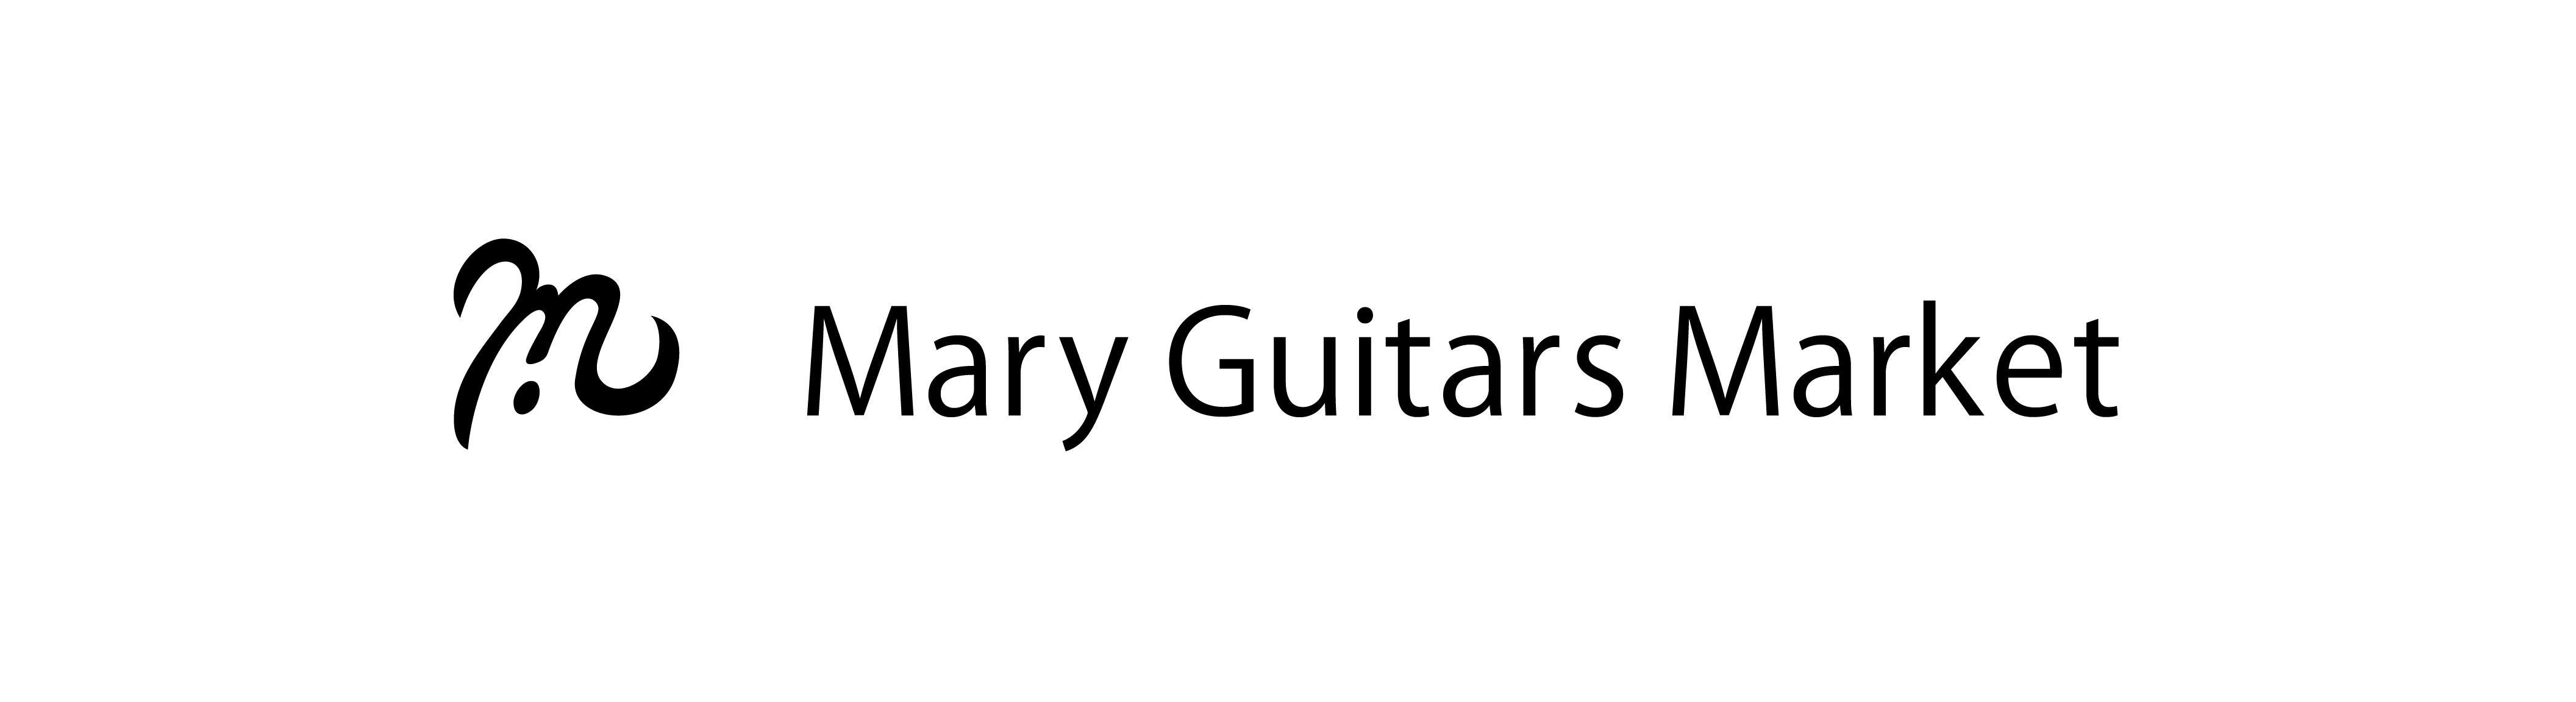 Mary Guitars Market